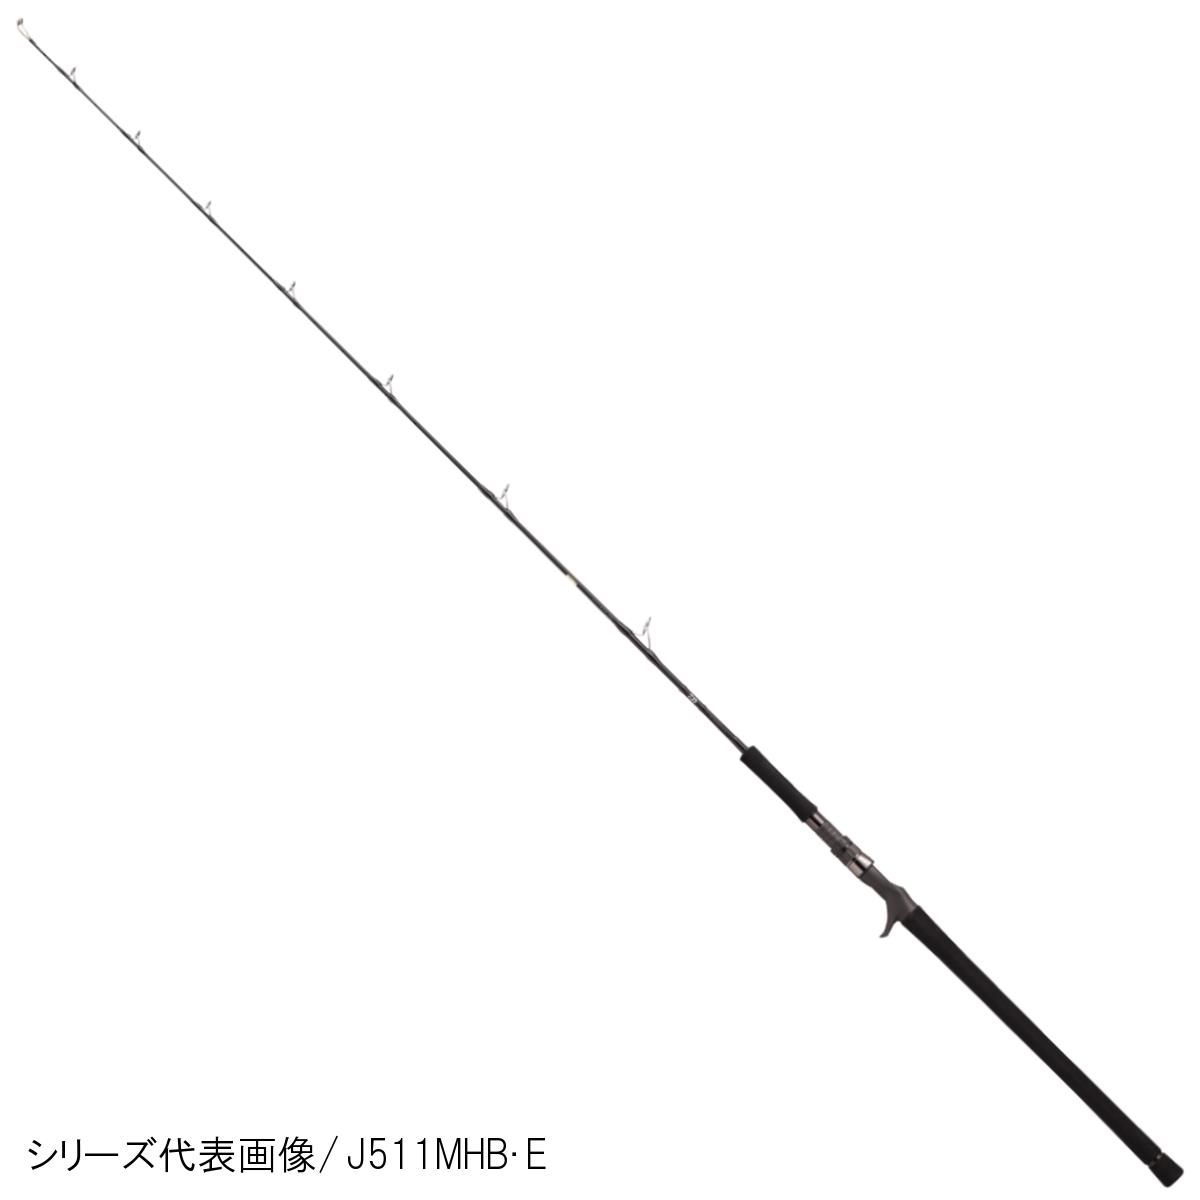 ダイワ キャタリナ J60MB・E【大型商品】(東日本店)